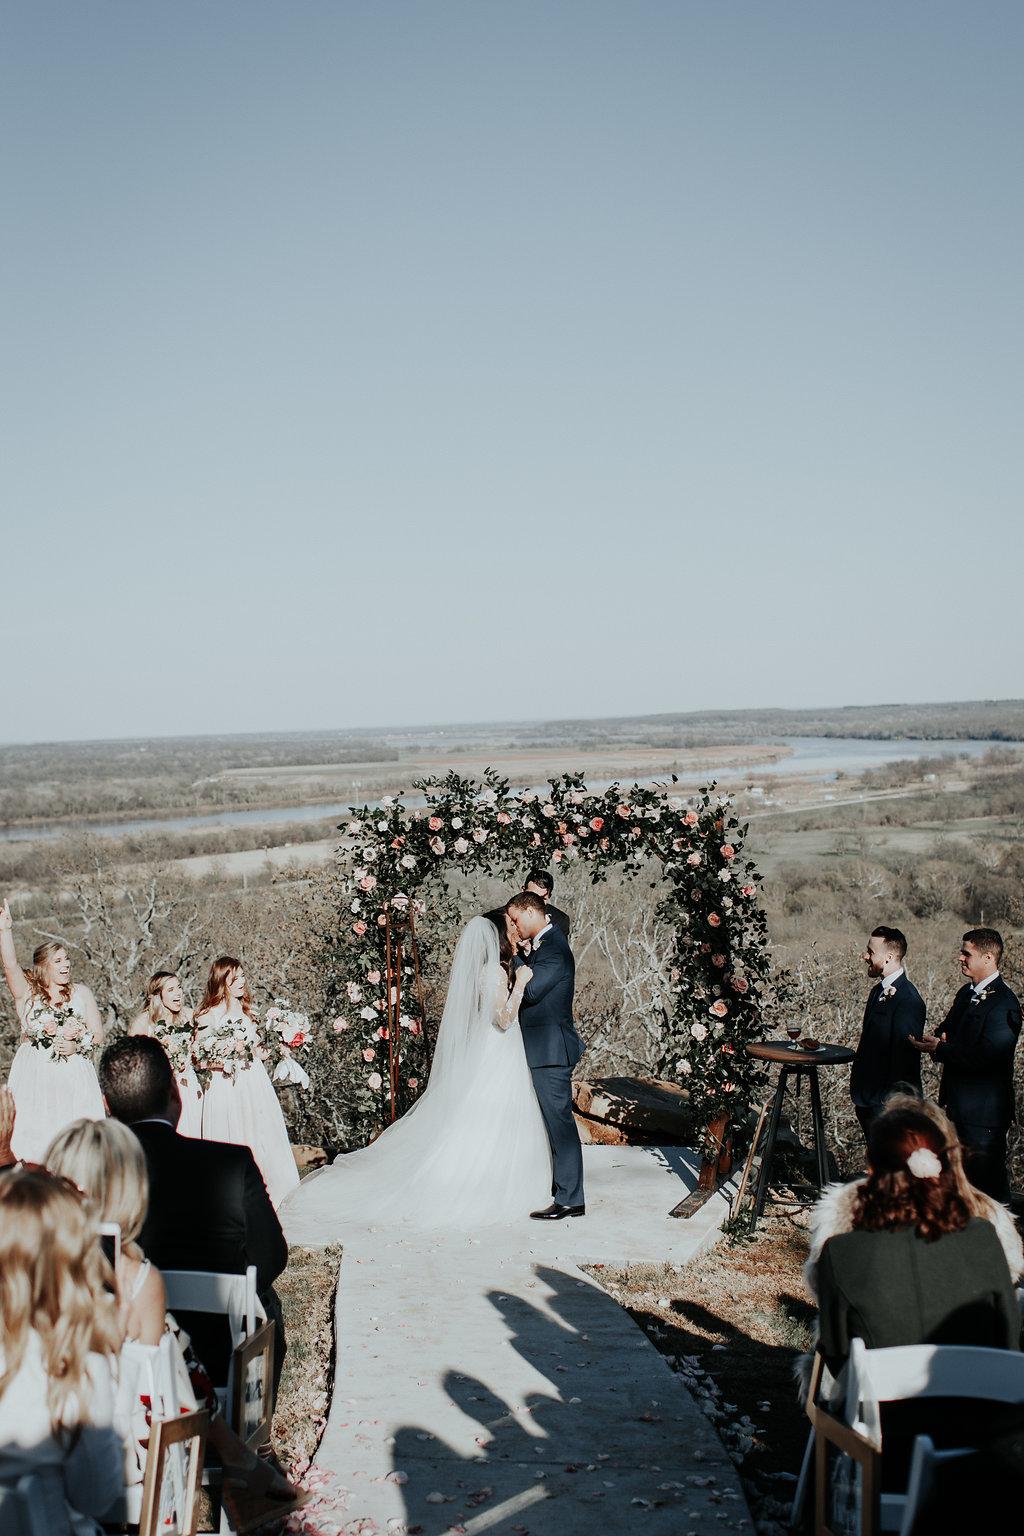 Tulsa Wedding Venue outdoor ceremony 6.jpg